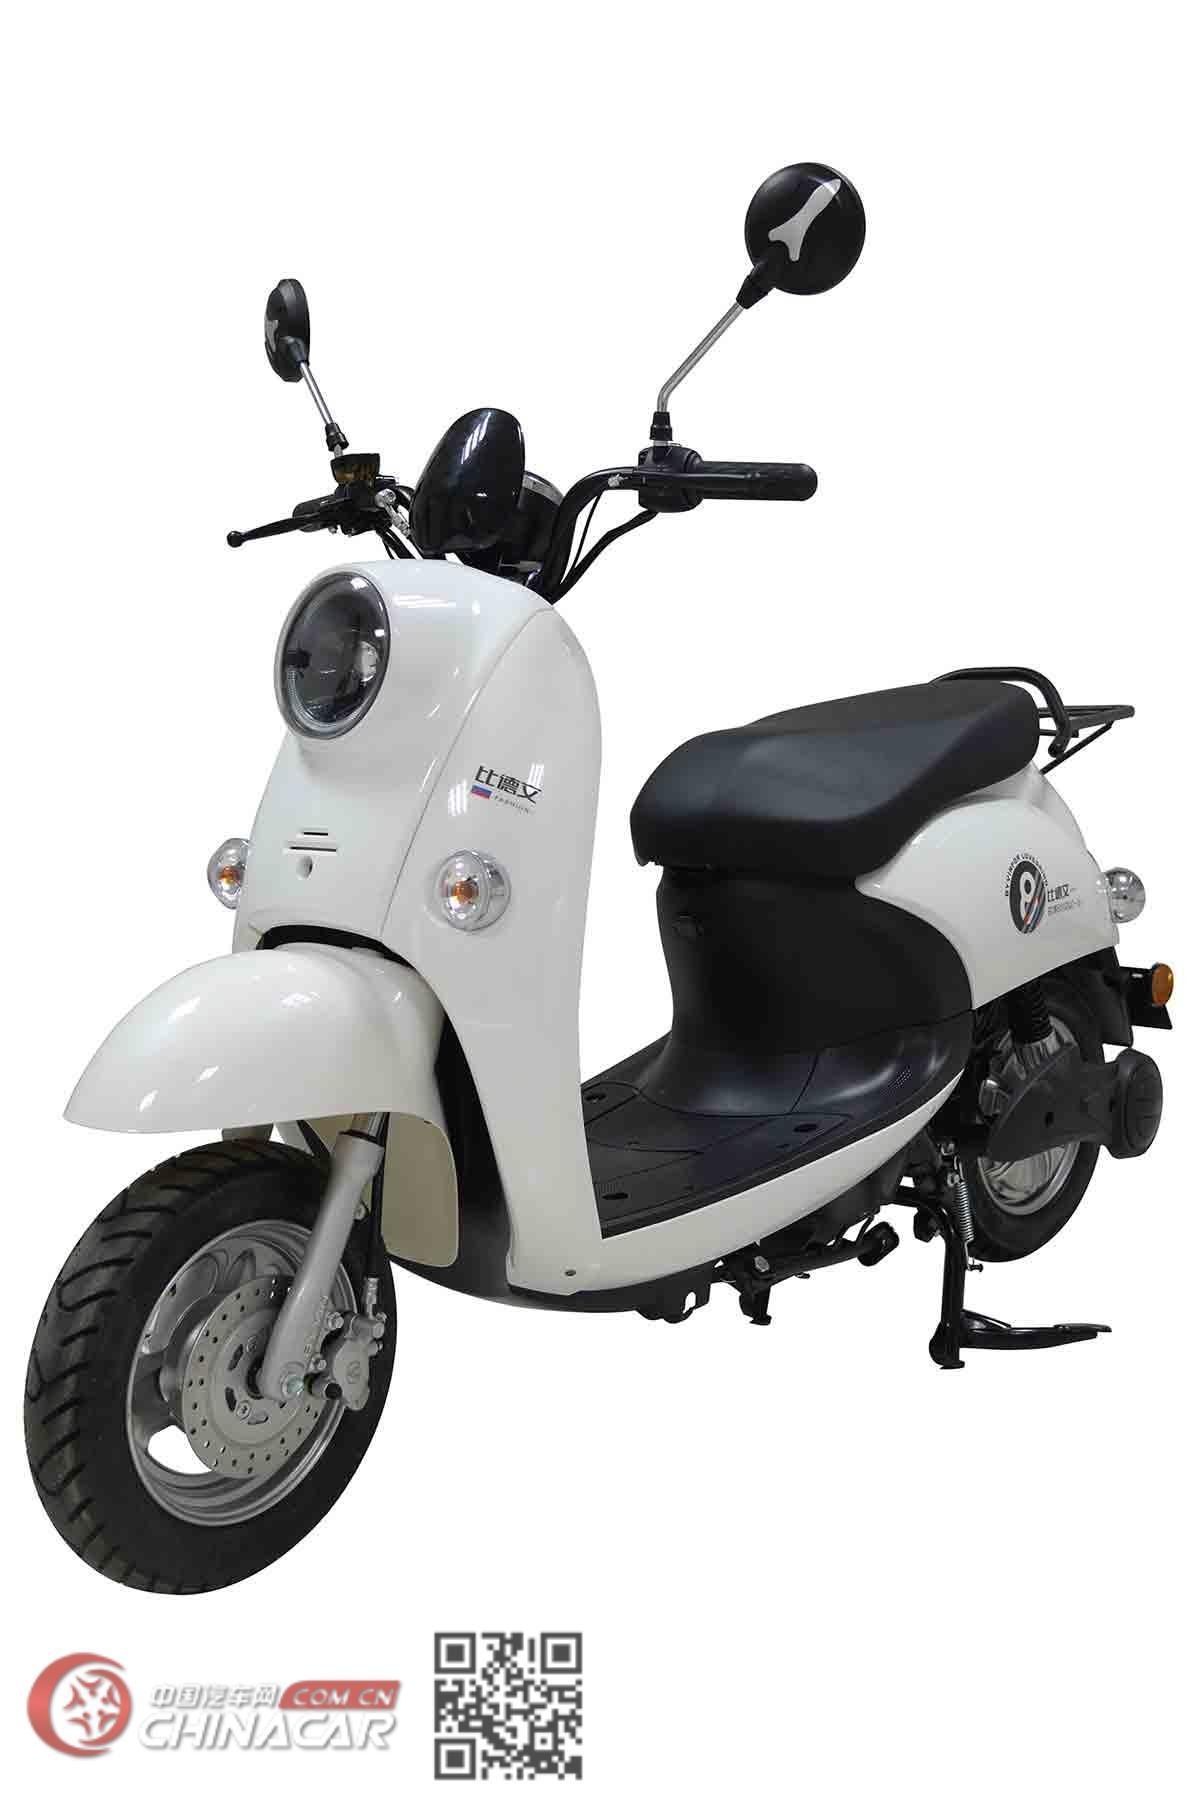 比德文牌BDW800DQT-16型电动两轮轻便摩托车图片1